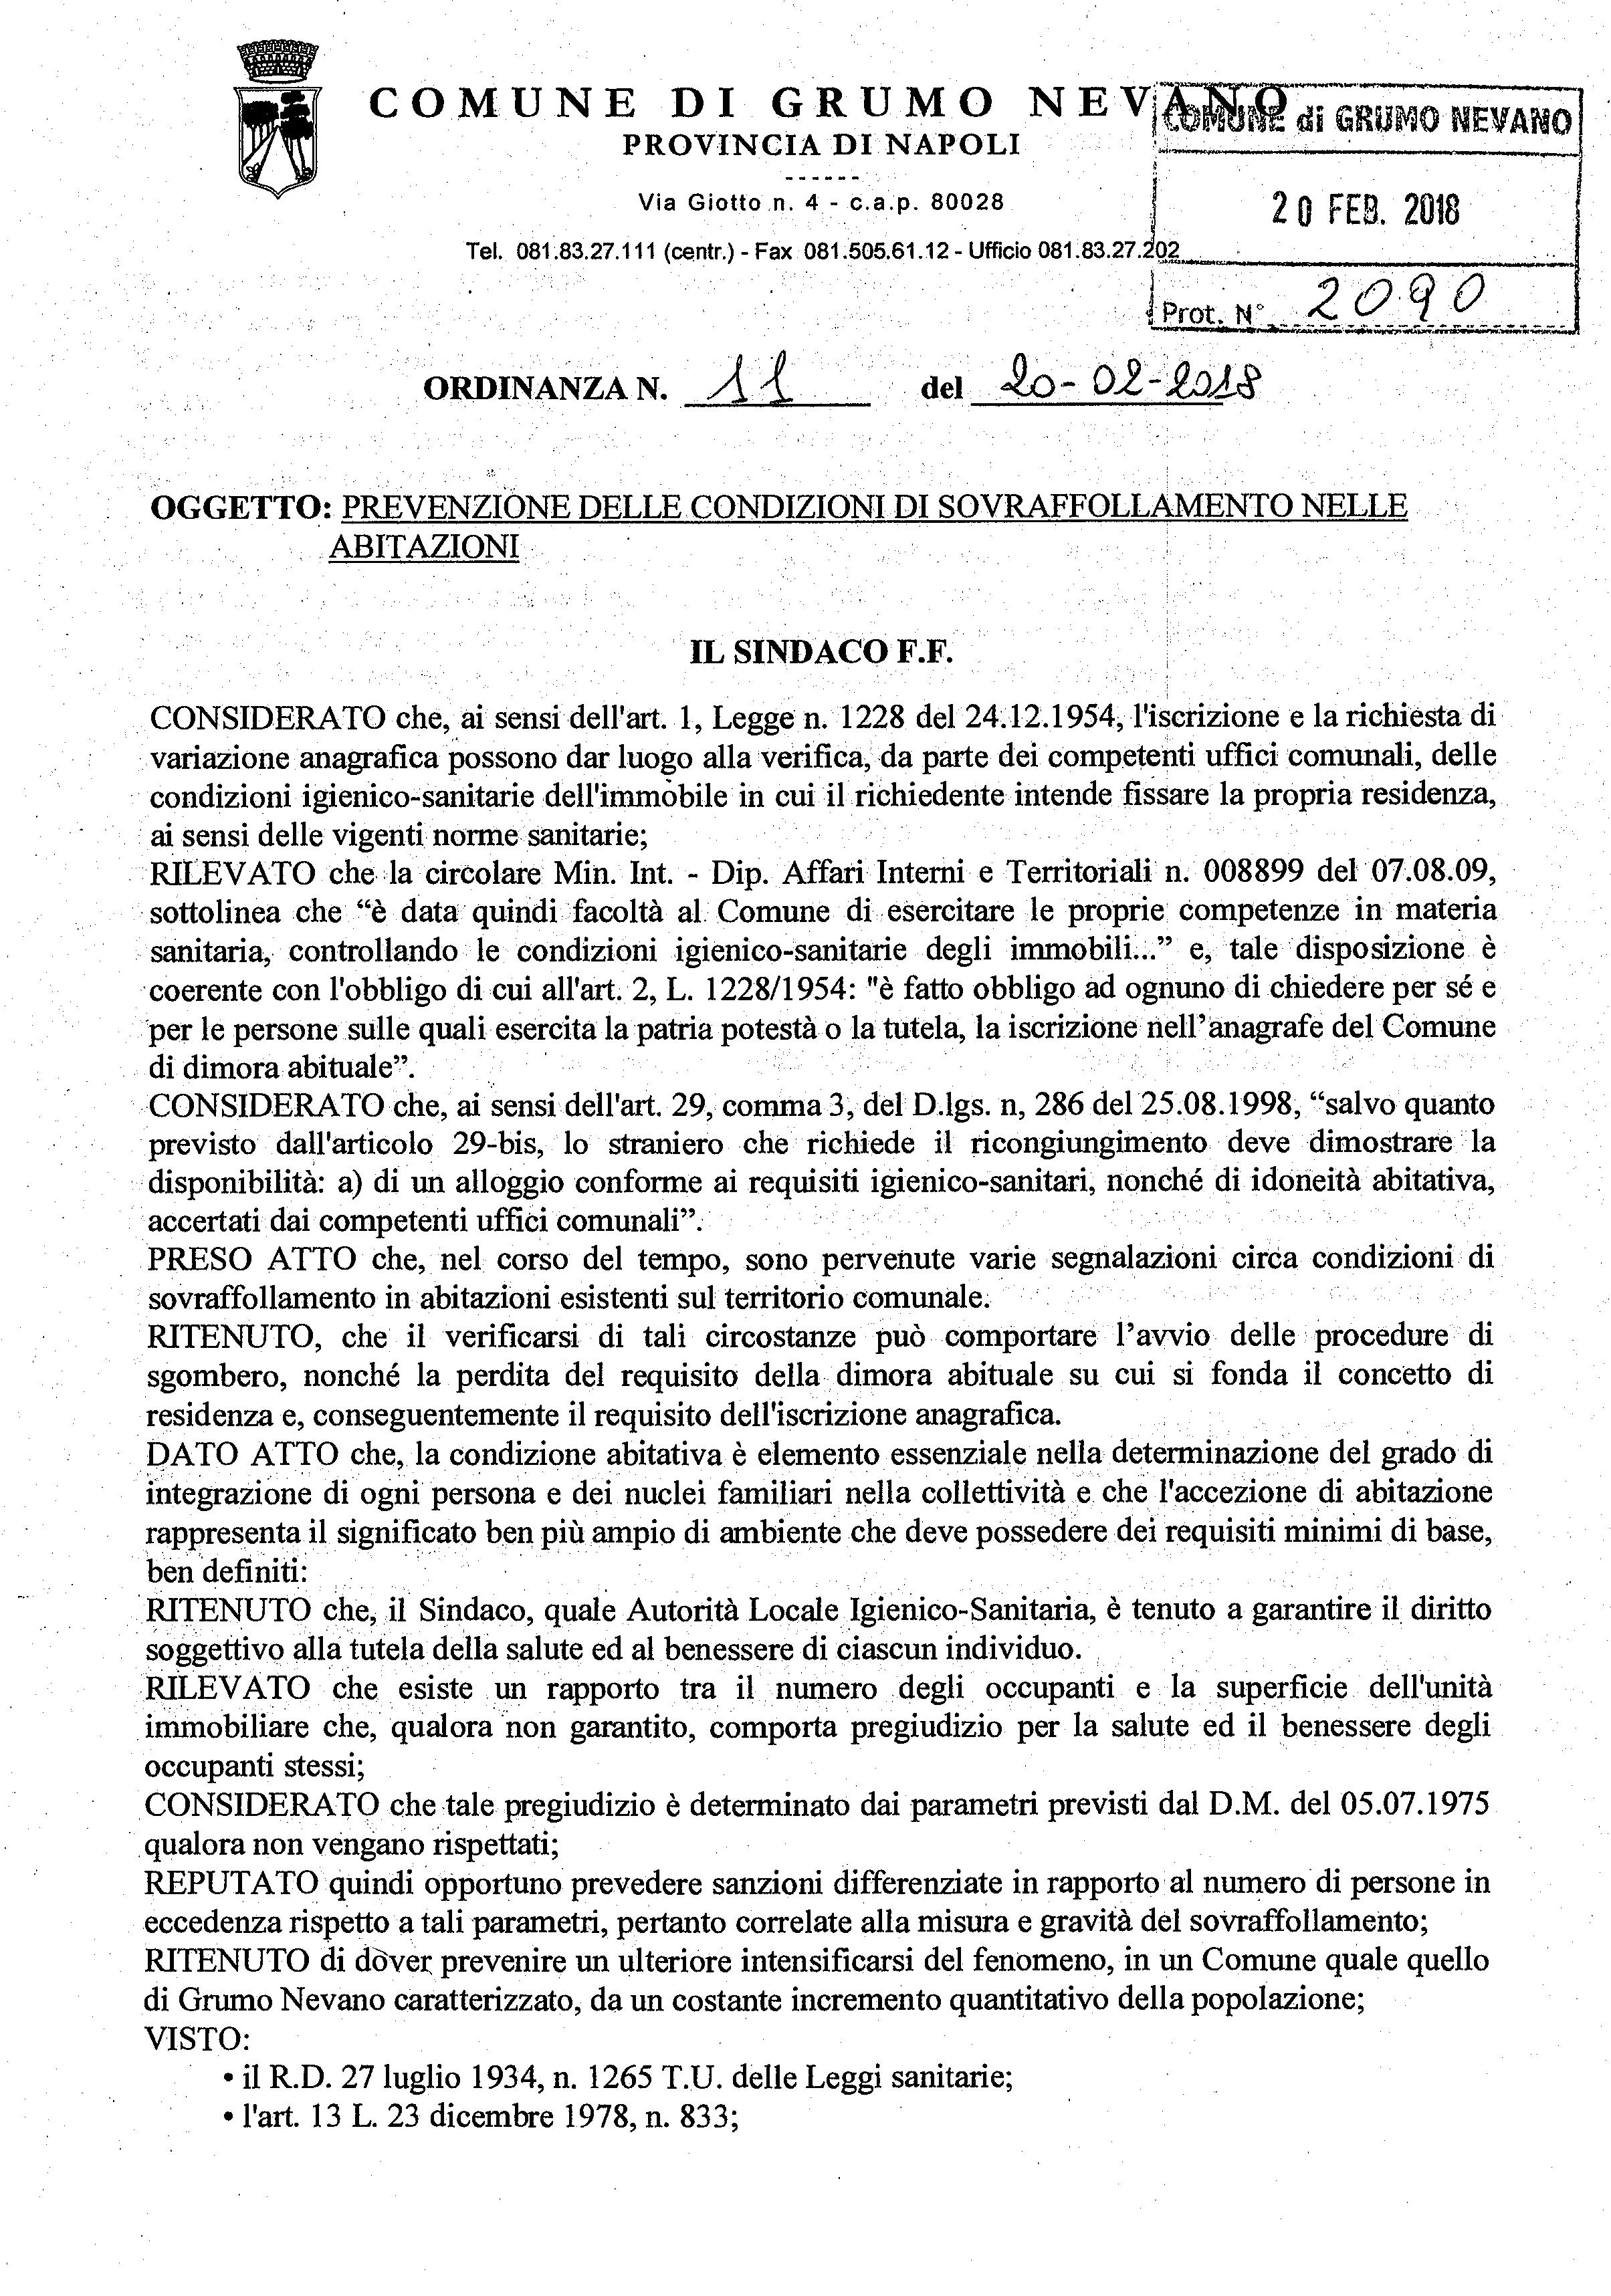 11 ORDINANZA SINDACALE - PREVENZIONE DELLE CONDIZI-1_Pagina_1